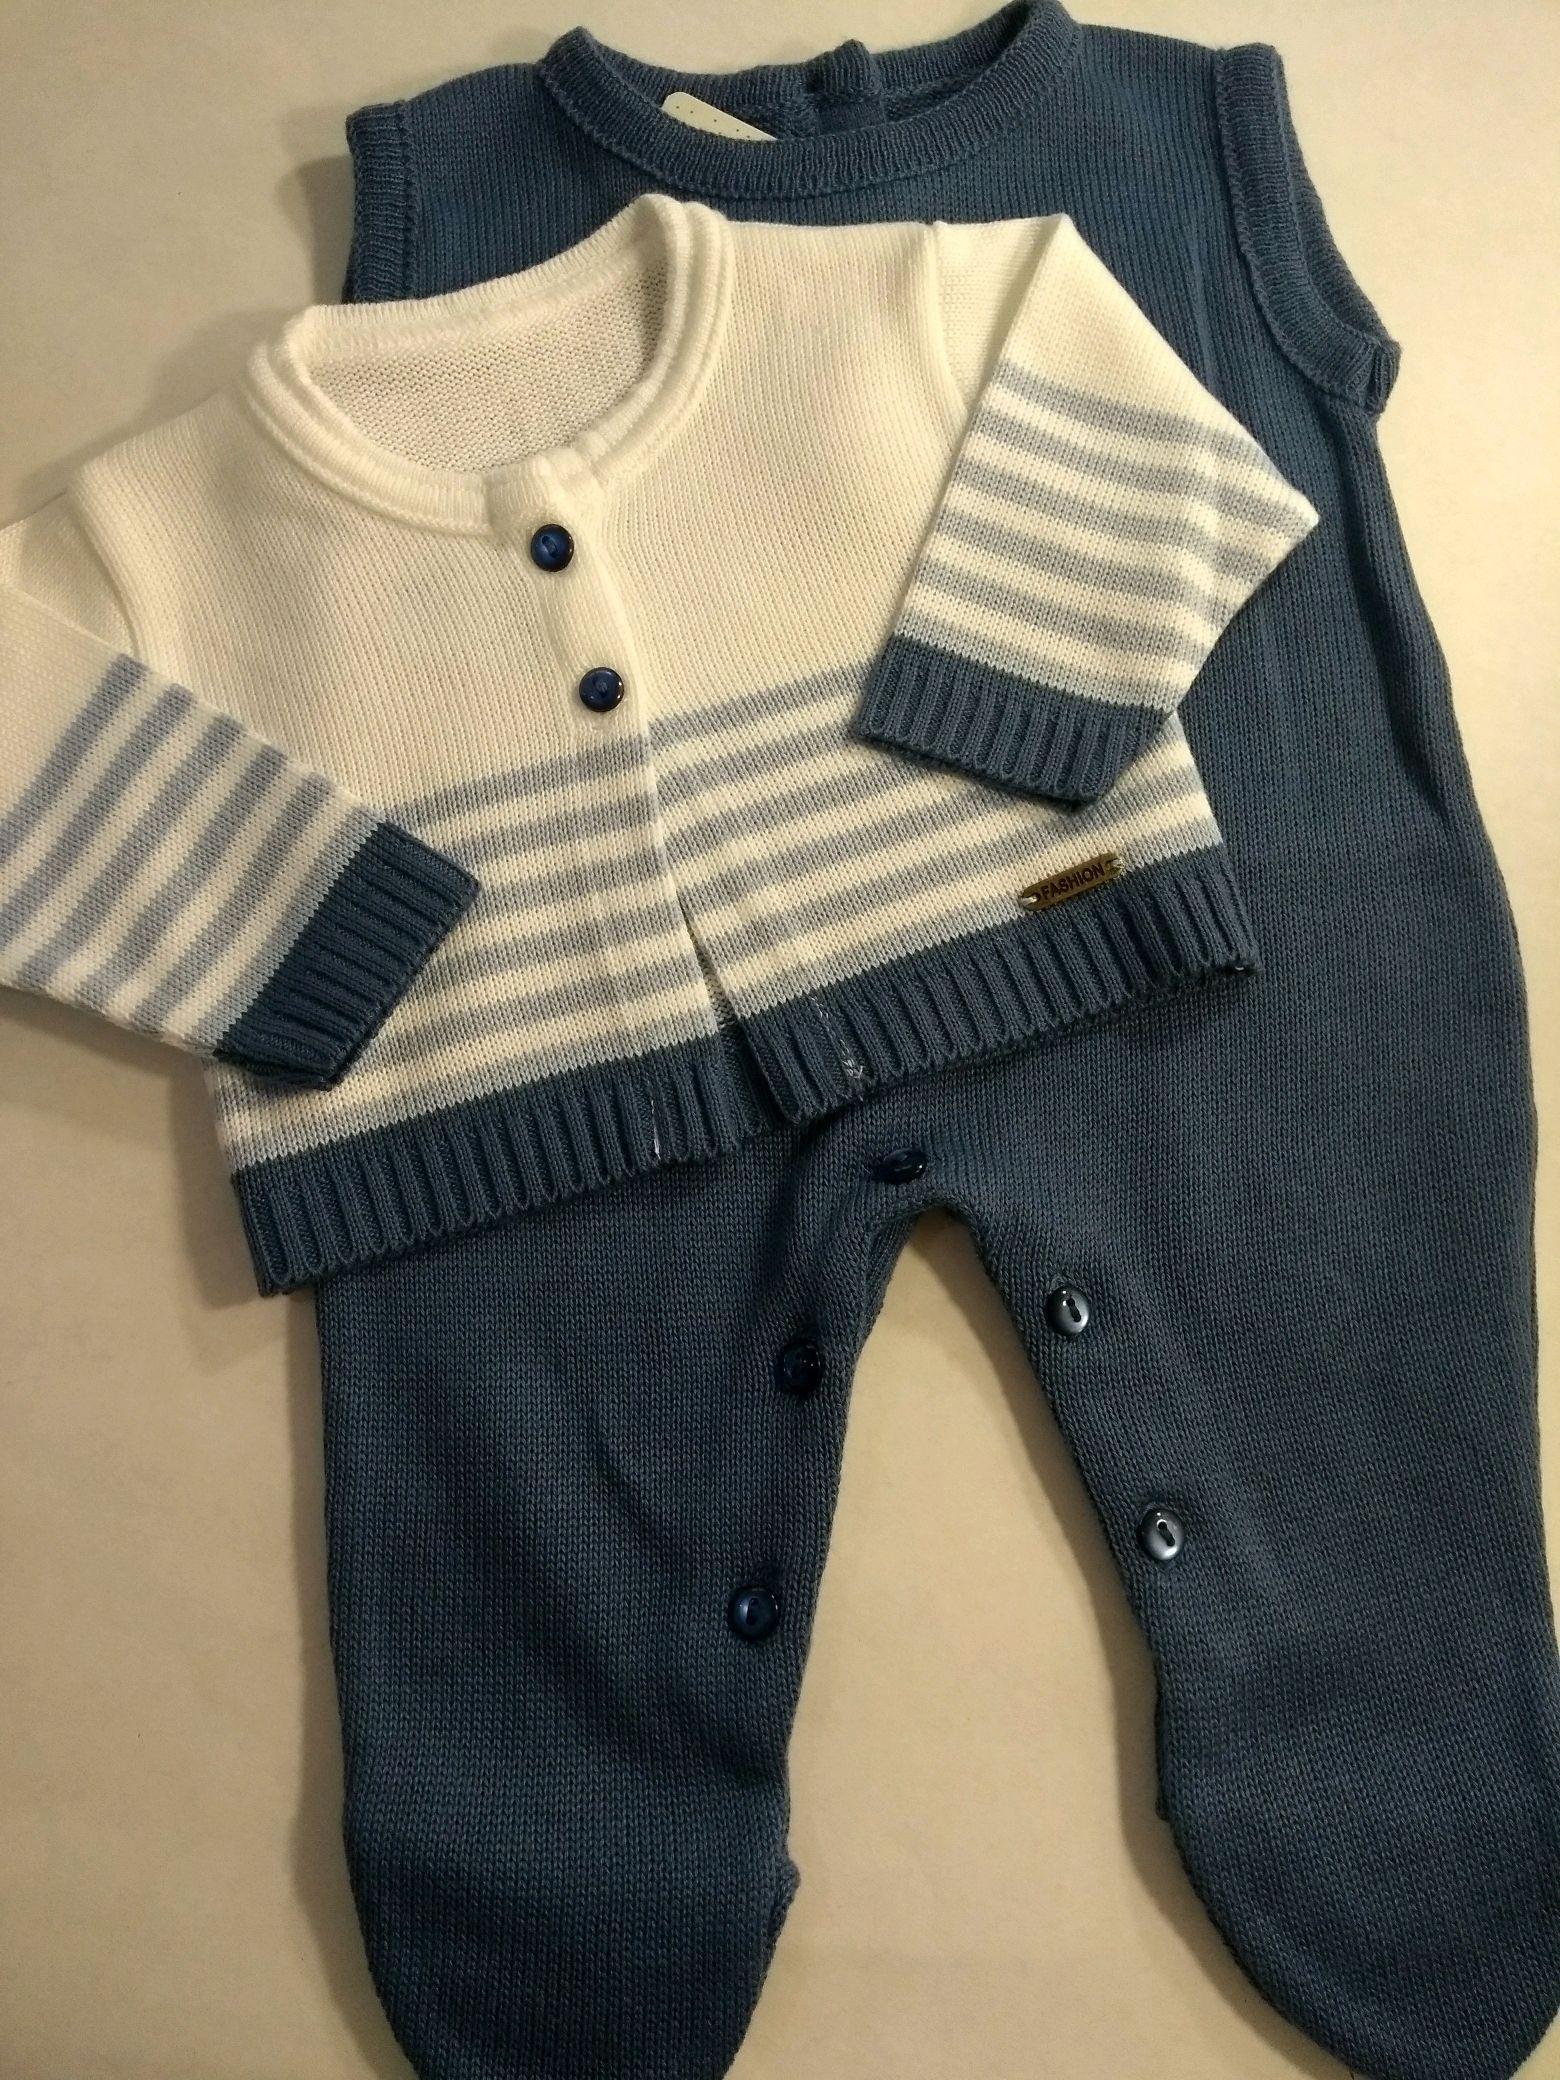 9f02d4b1ff Macacão cavado com casaquinho listrado 2 pçs azul jeans no Elo7 ...